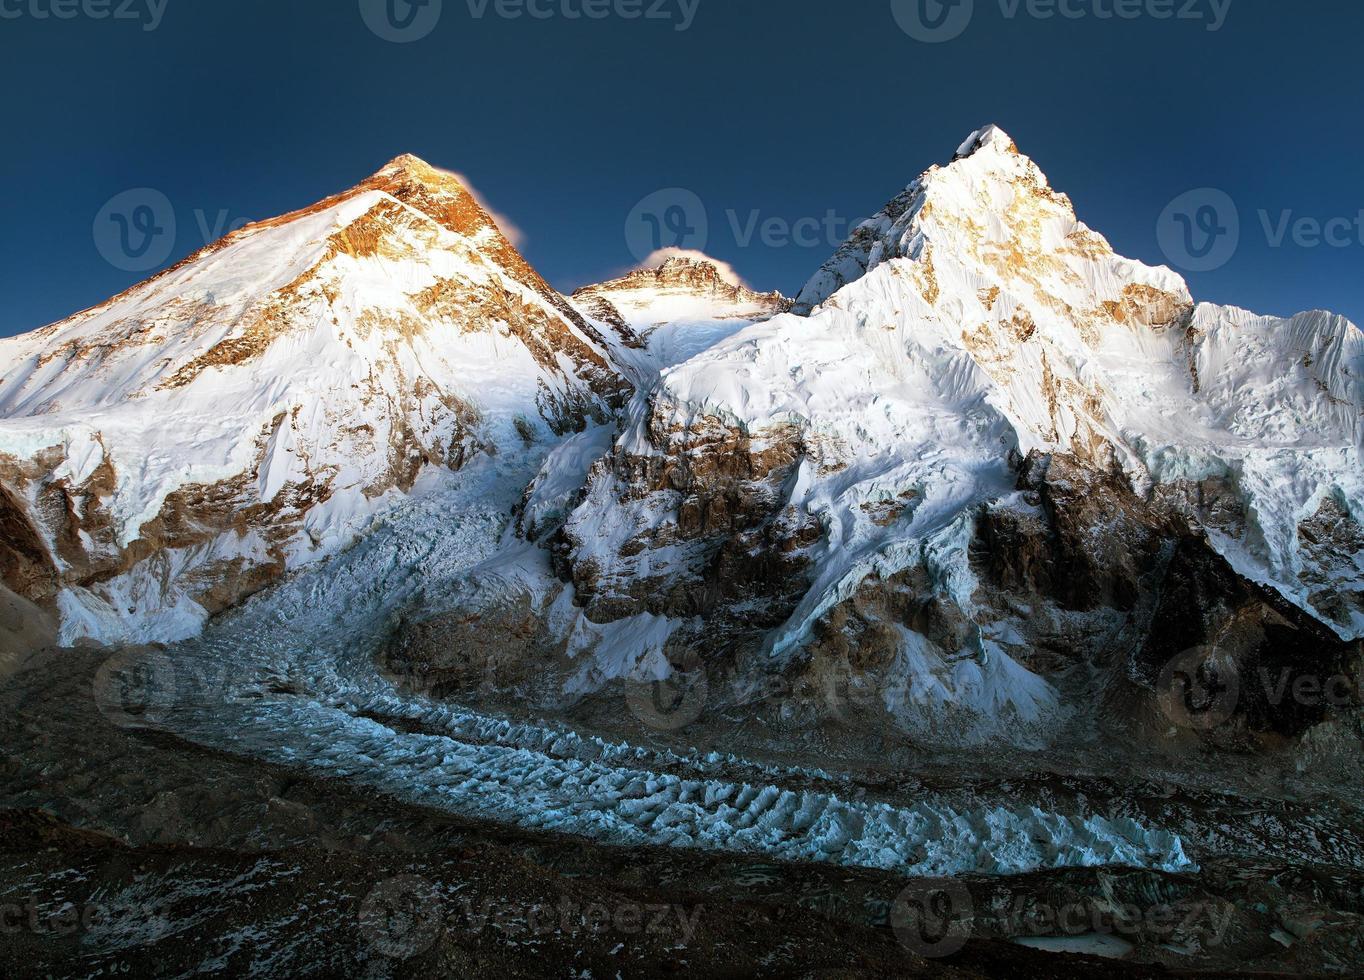 visão noturna do Monte Everest, Lhotse e Nuptse foto